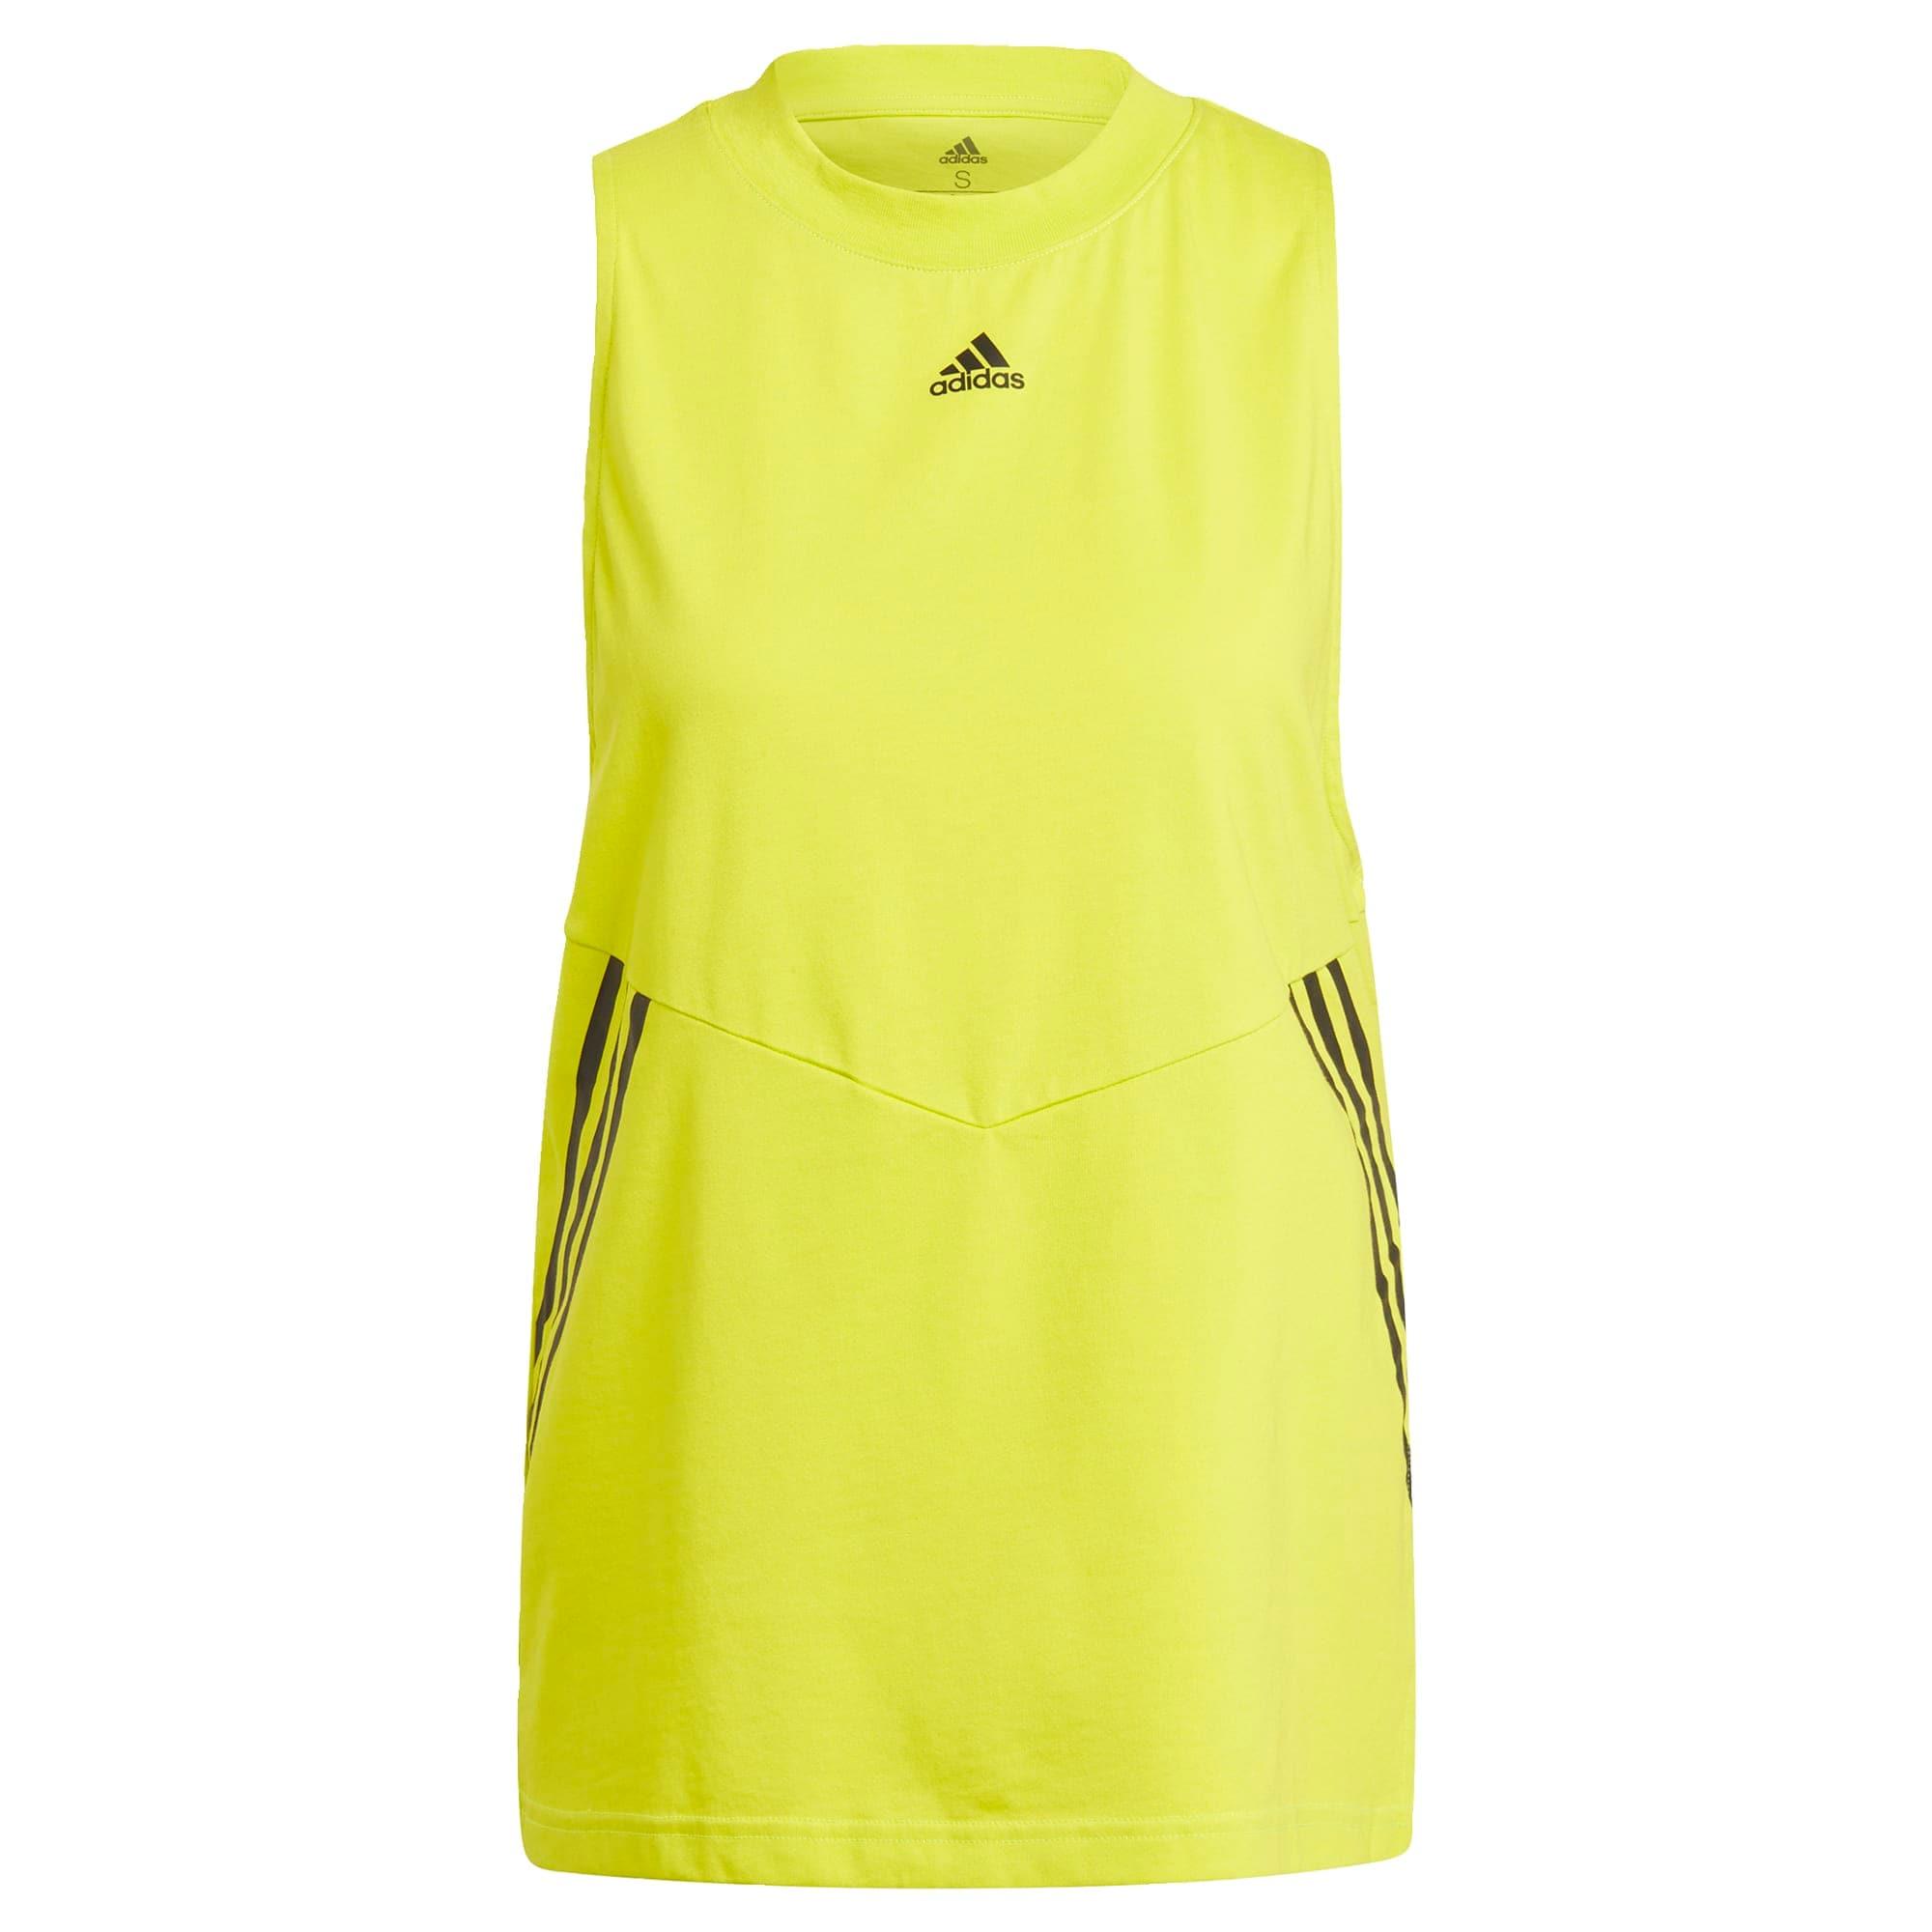 ADIDAS PERFORMANCE Sportiniai marškinėliai be rankovių neoninė geltona / juoda